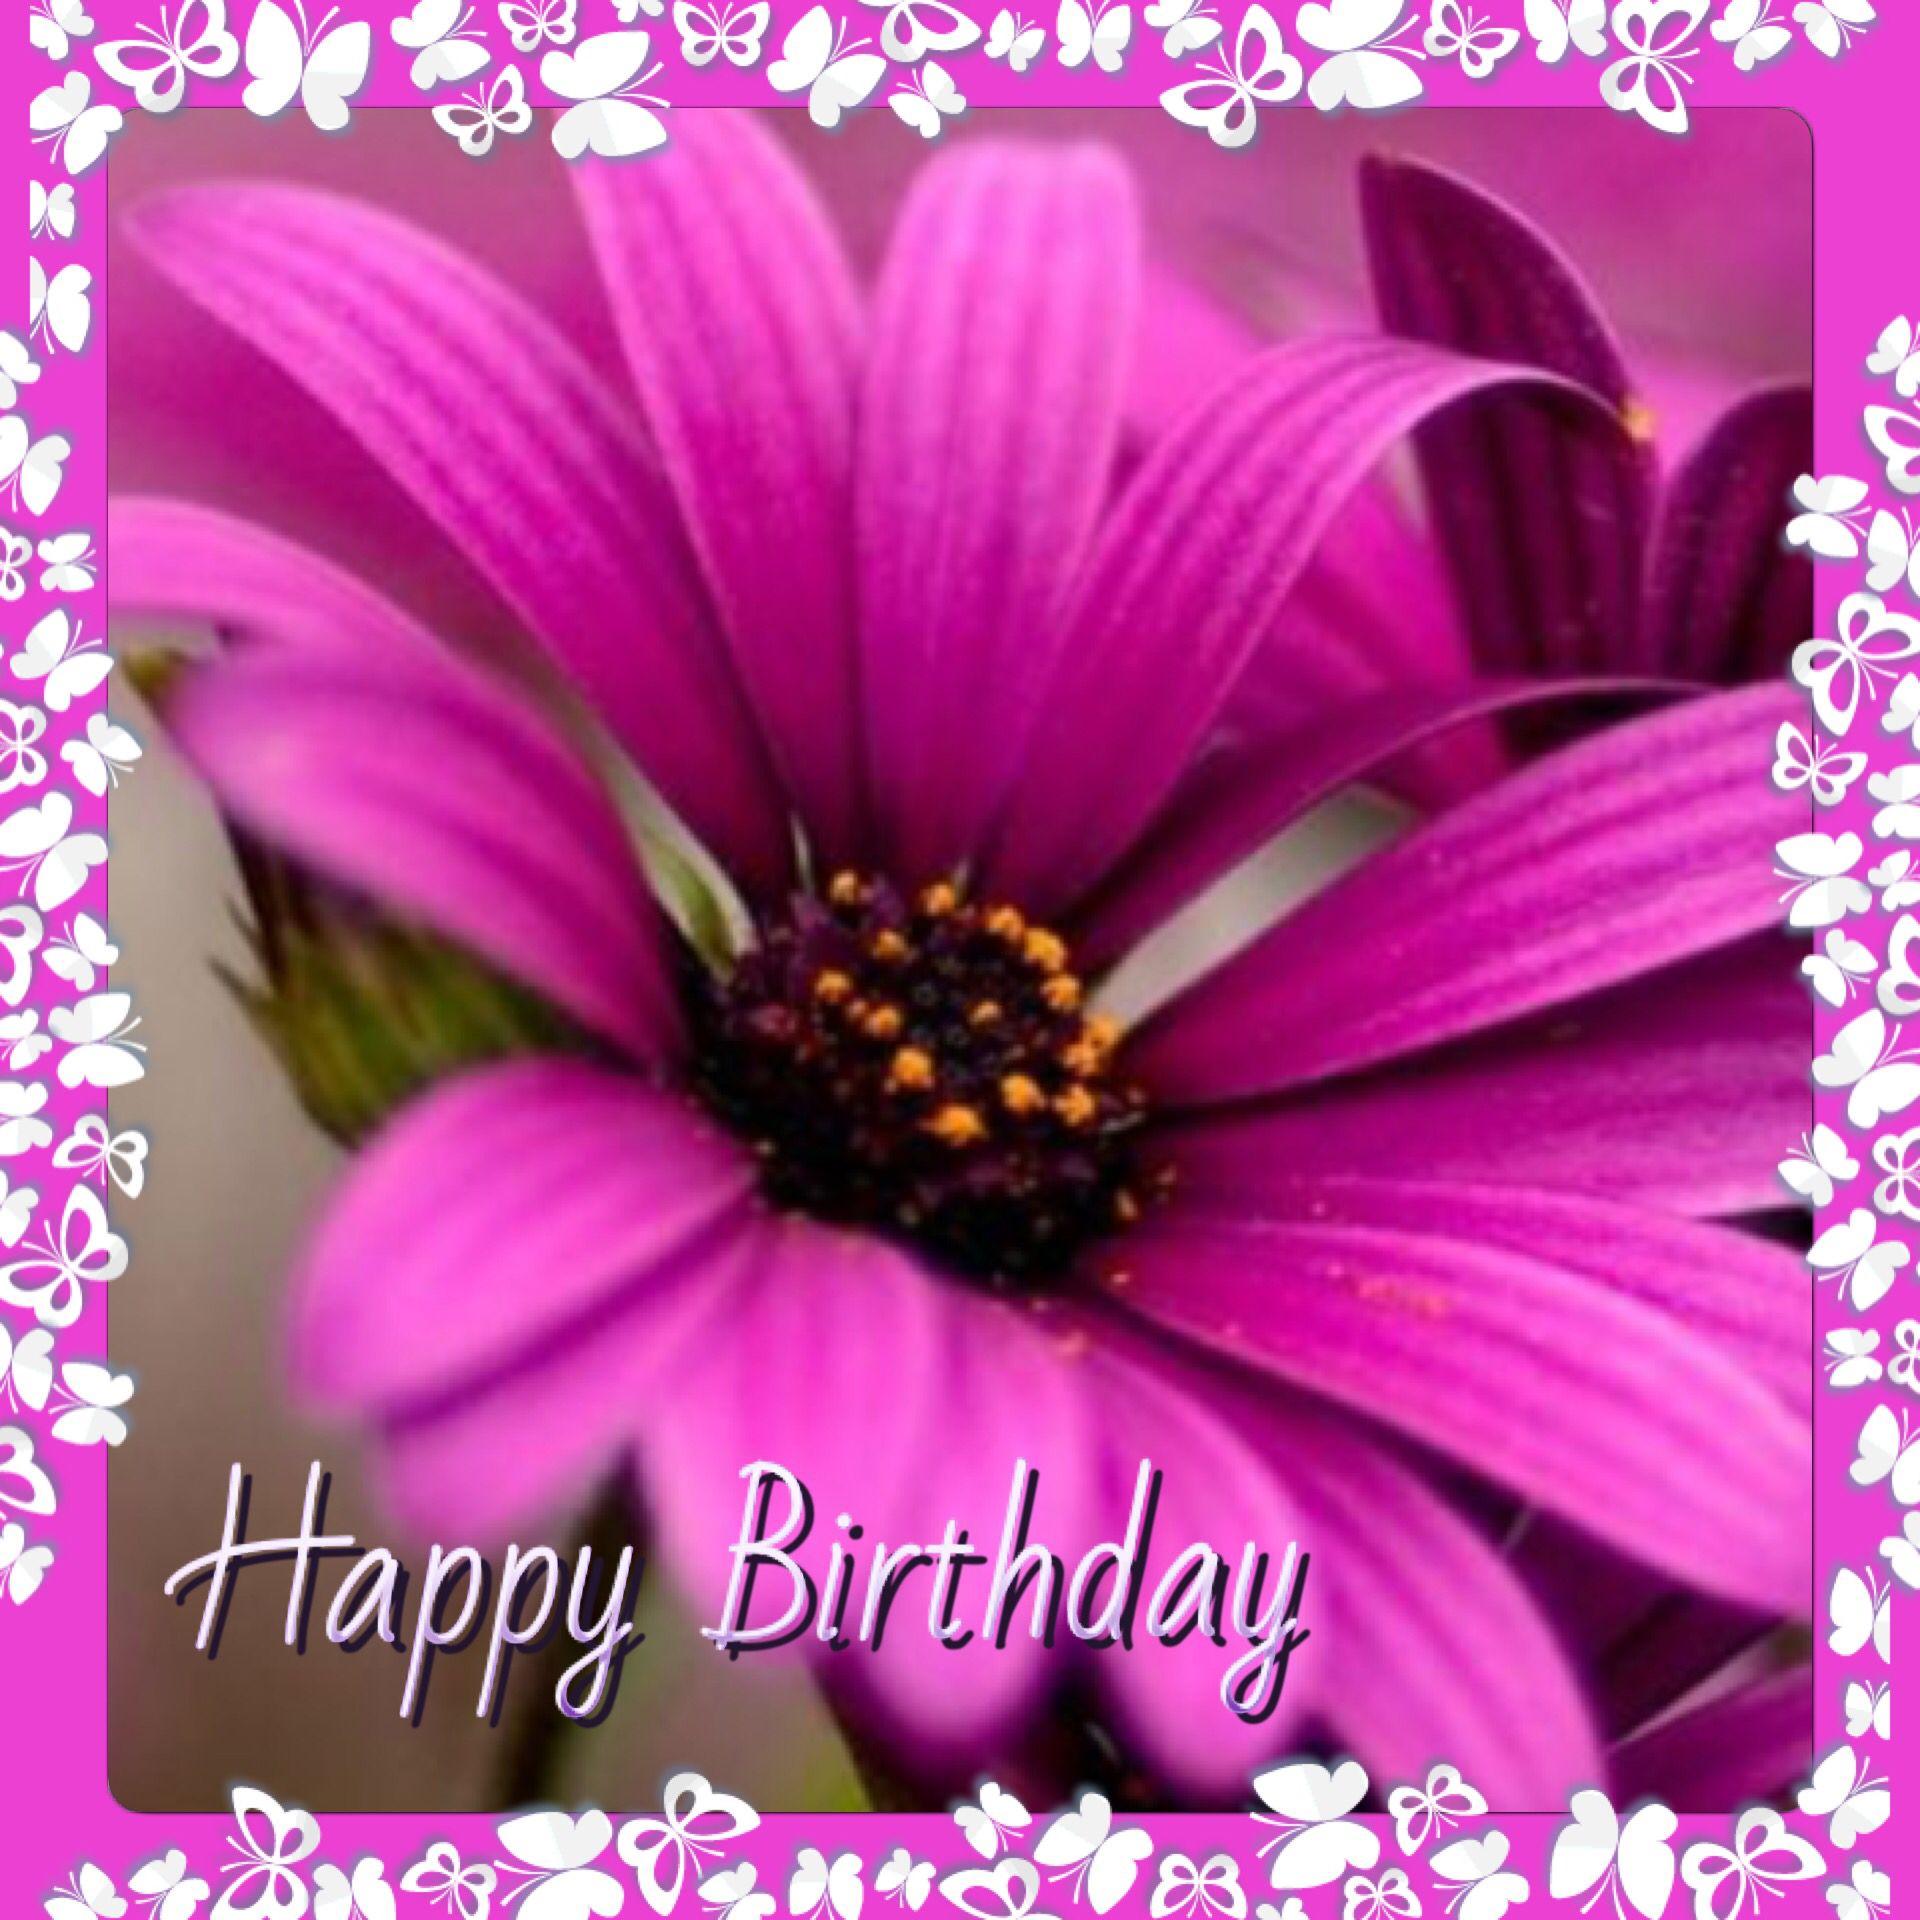 Pin Von K S Auf Geburtstag Geburtstag Alles Gute Zum Geburtstag